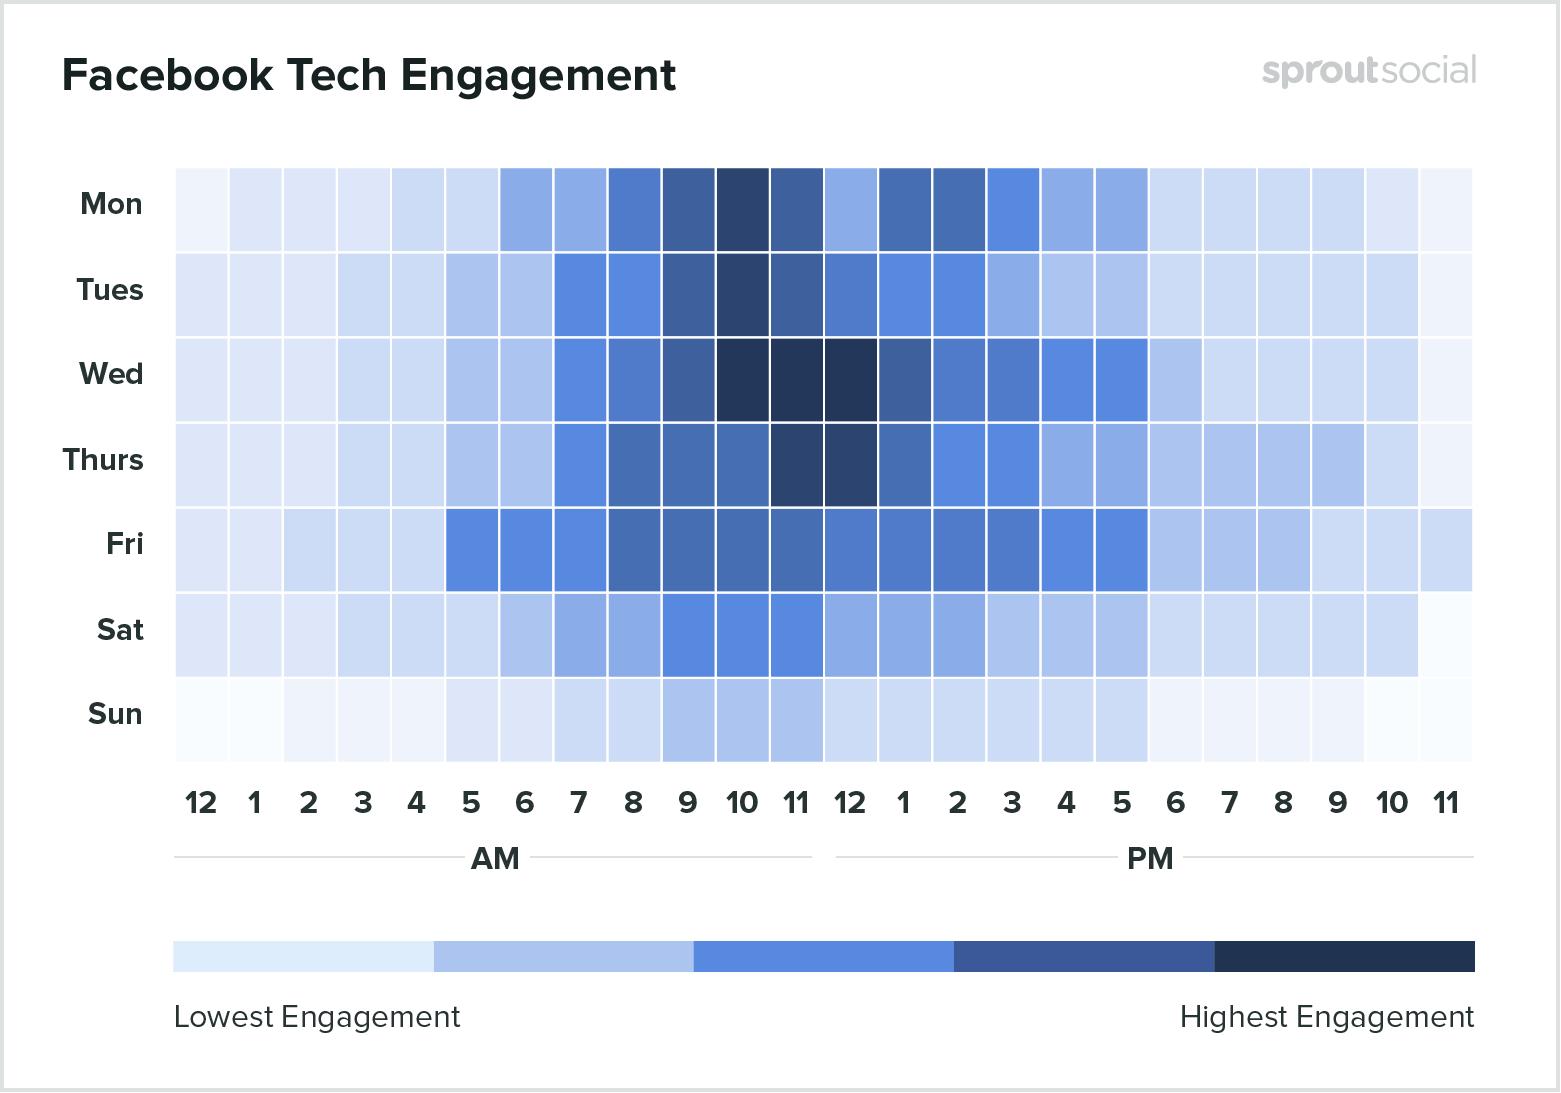 Лучшее время для технических публикации на Facebook - данные на 2020 год